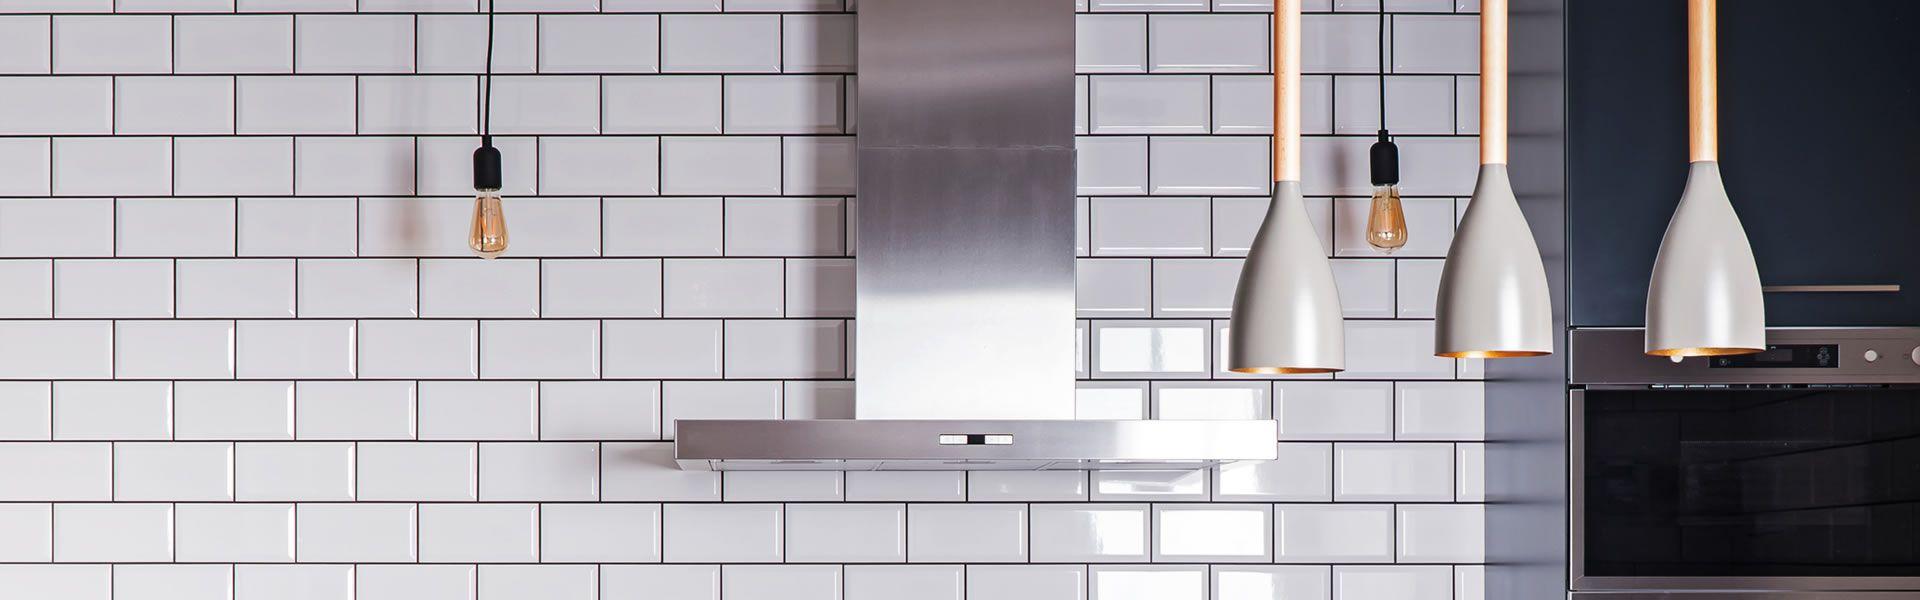 Quelles sont les r gles pour l installation lectrique d - Installation electrique cuisine ...